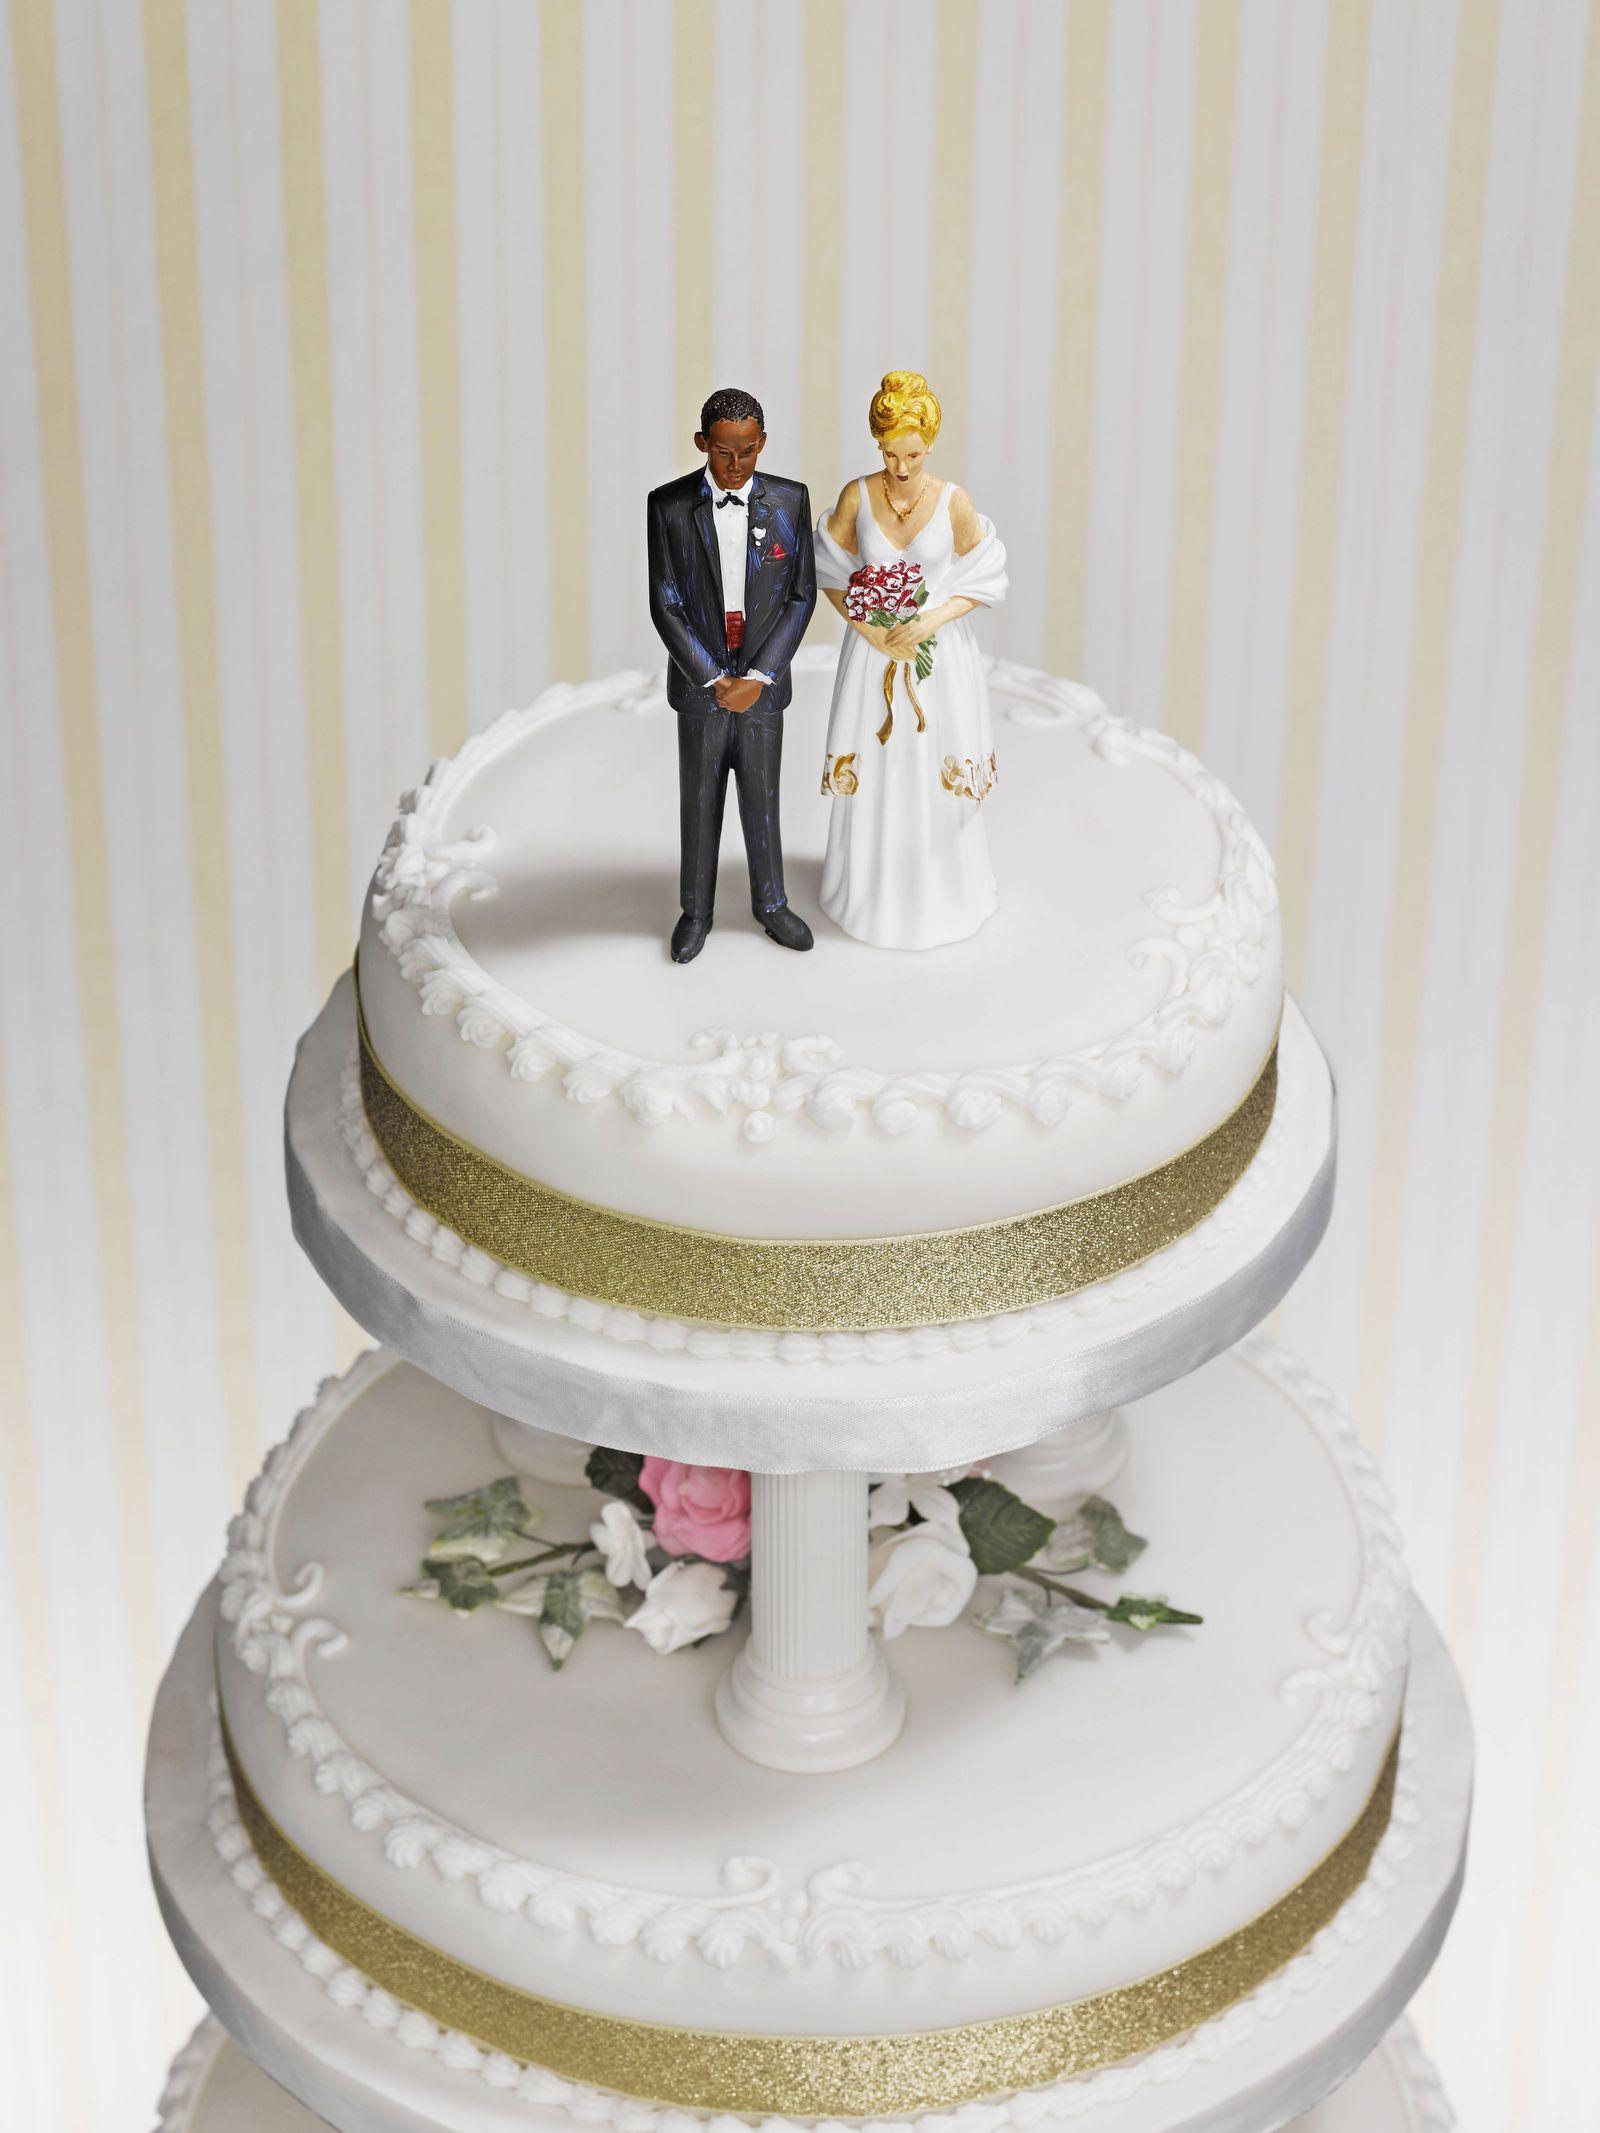 NICHT MEHR VERWENDEN! - Hochzeitstorte